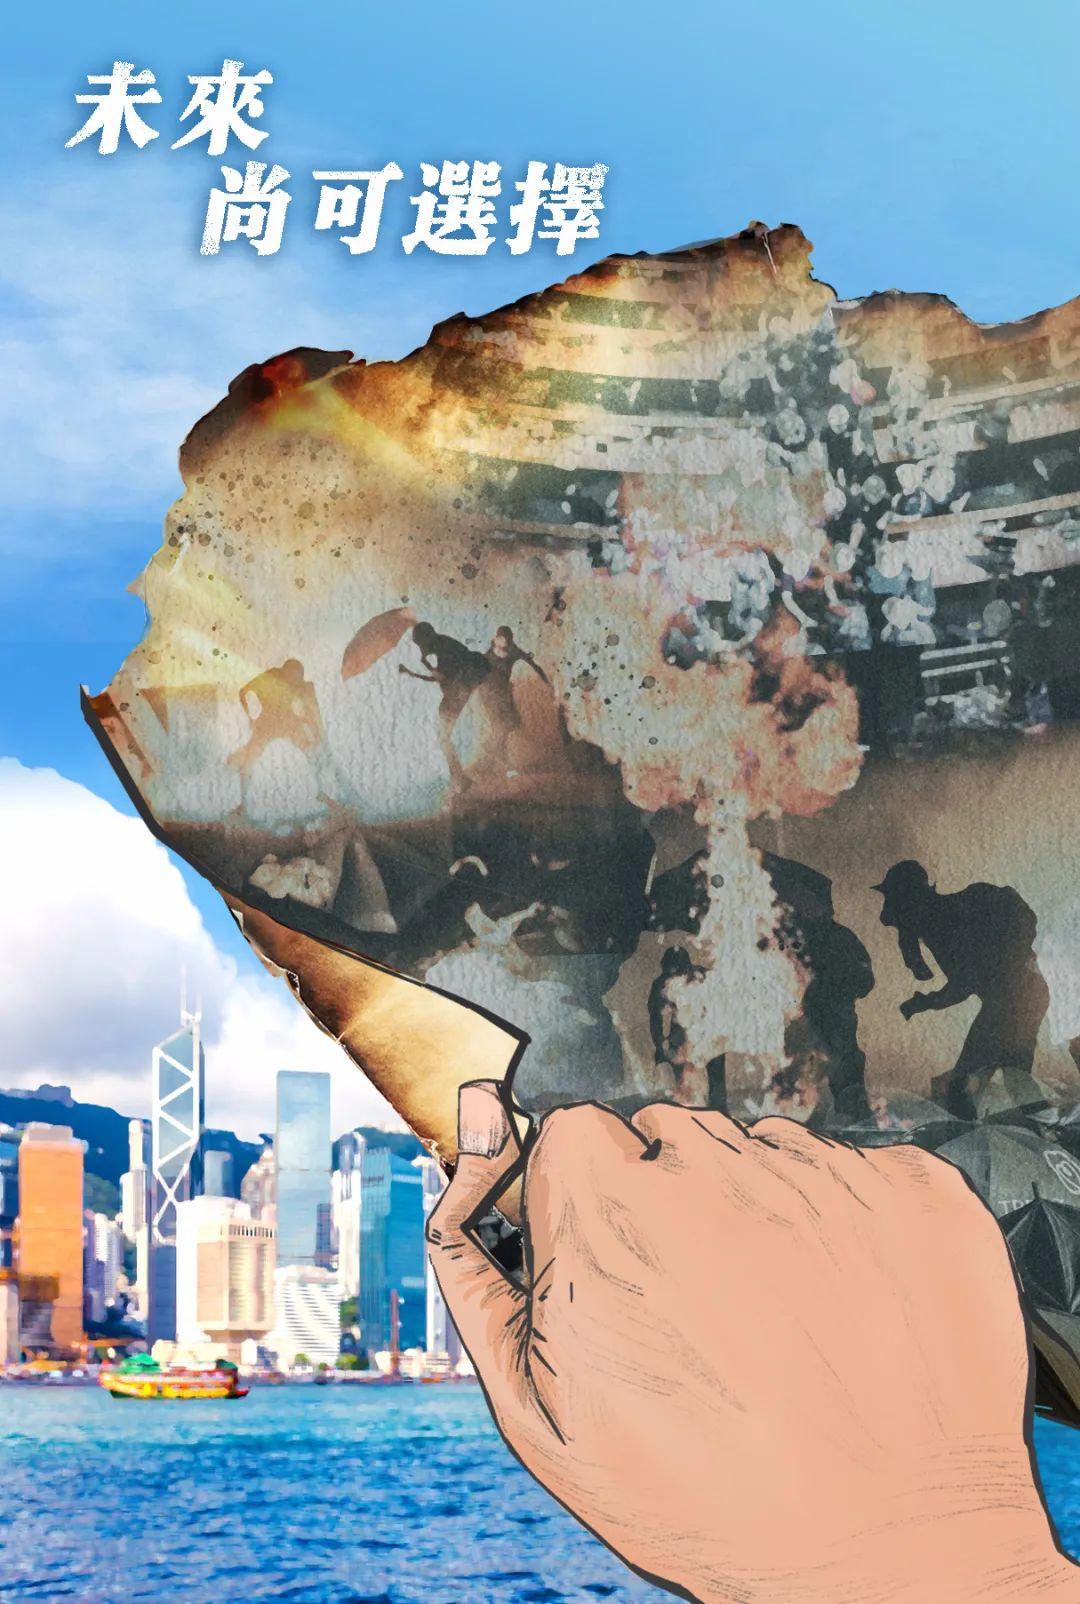 """【谷歌竞价】_人民日报:根除""""揽炒"""",香港才有出路"""